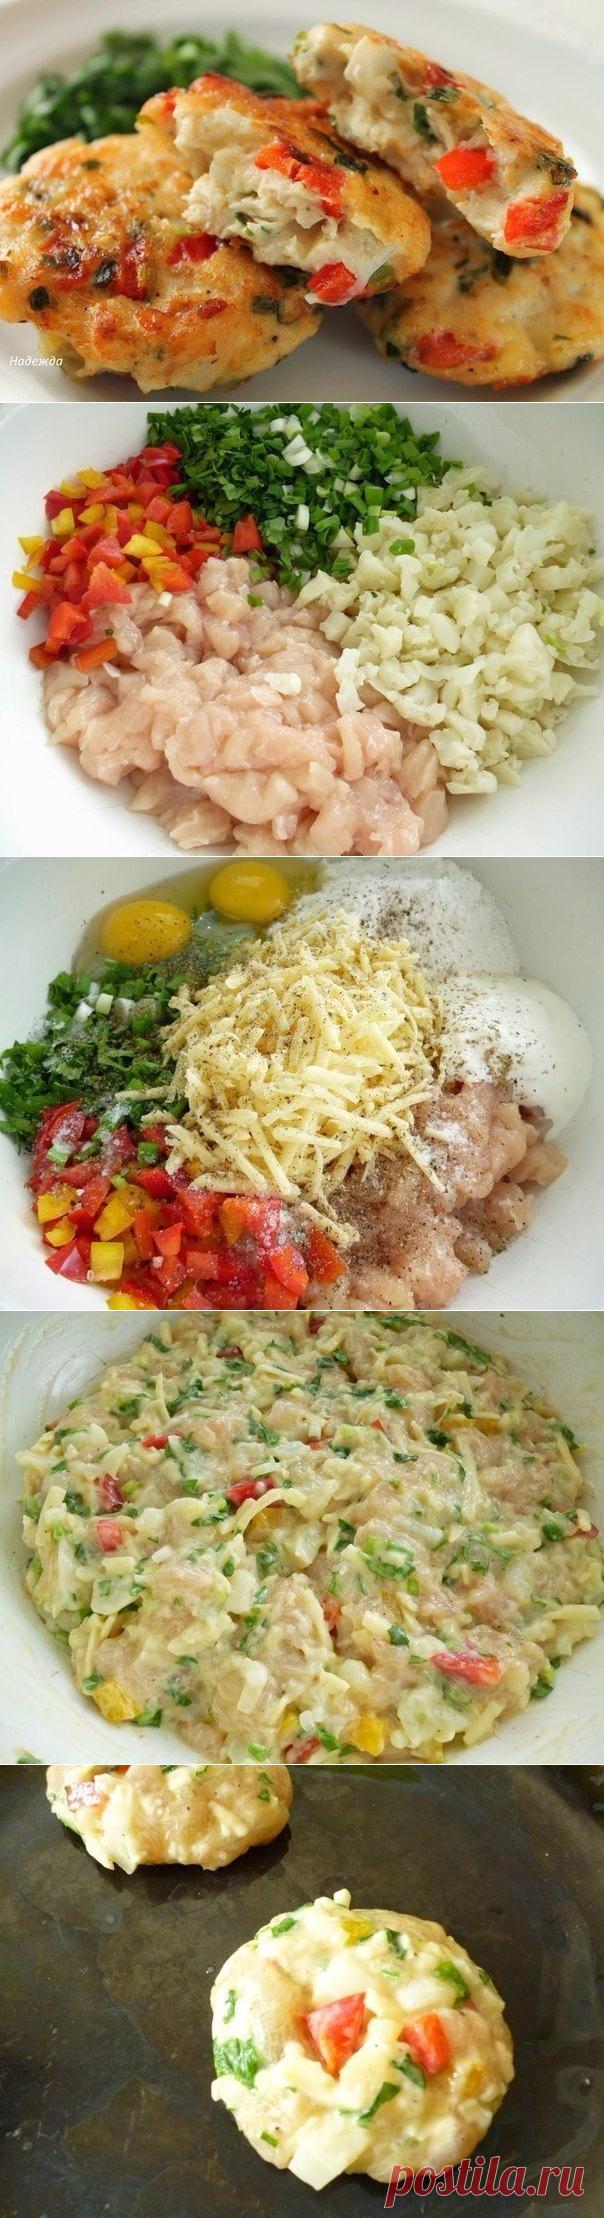 Добавьте в фарш цветную капусту, болгарский перец, сыр и яйца… Идеально! - Кулинария, красота, лайфхаки